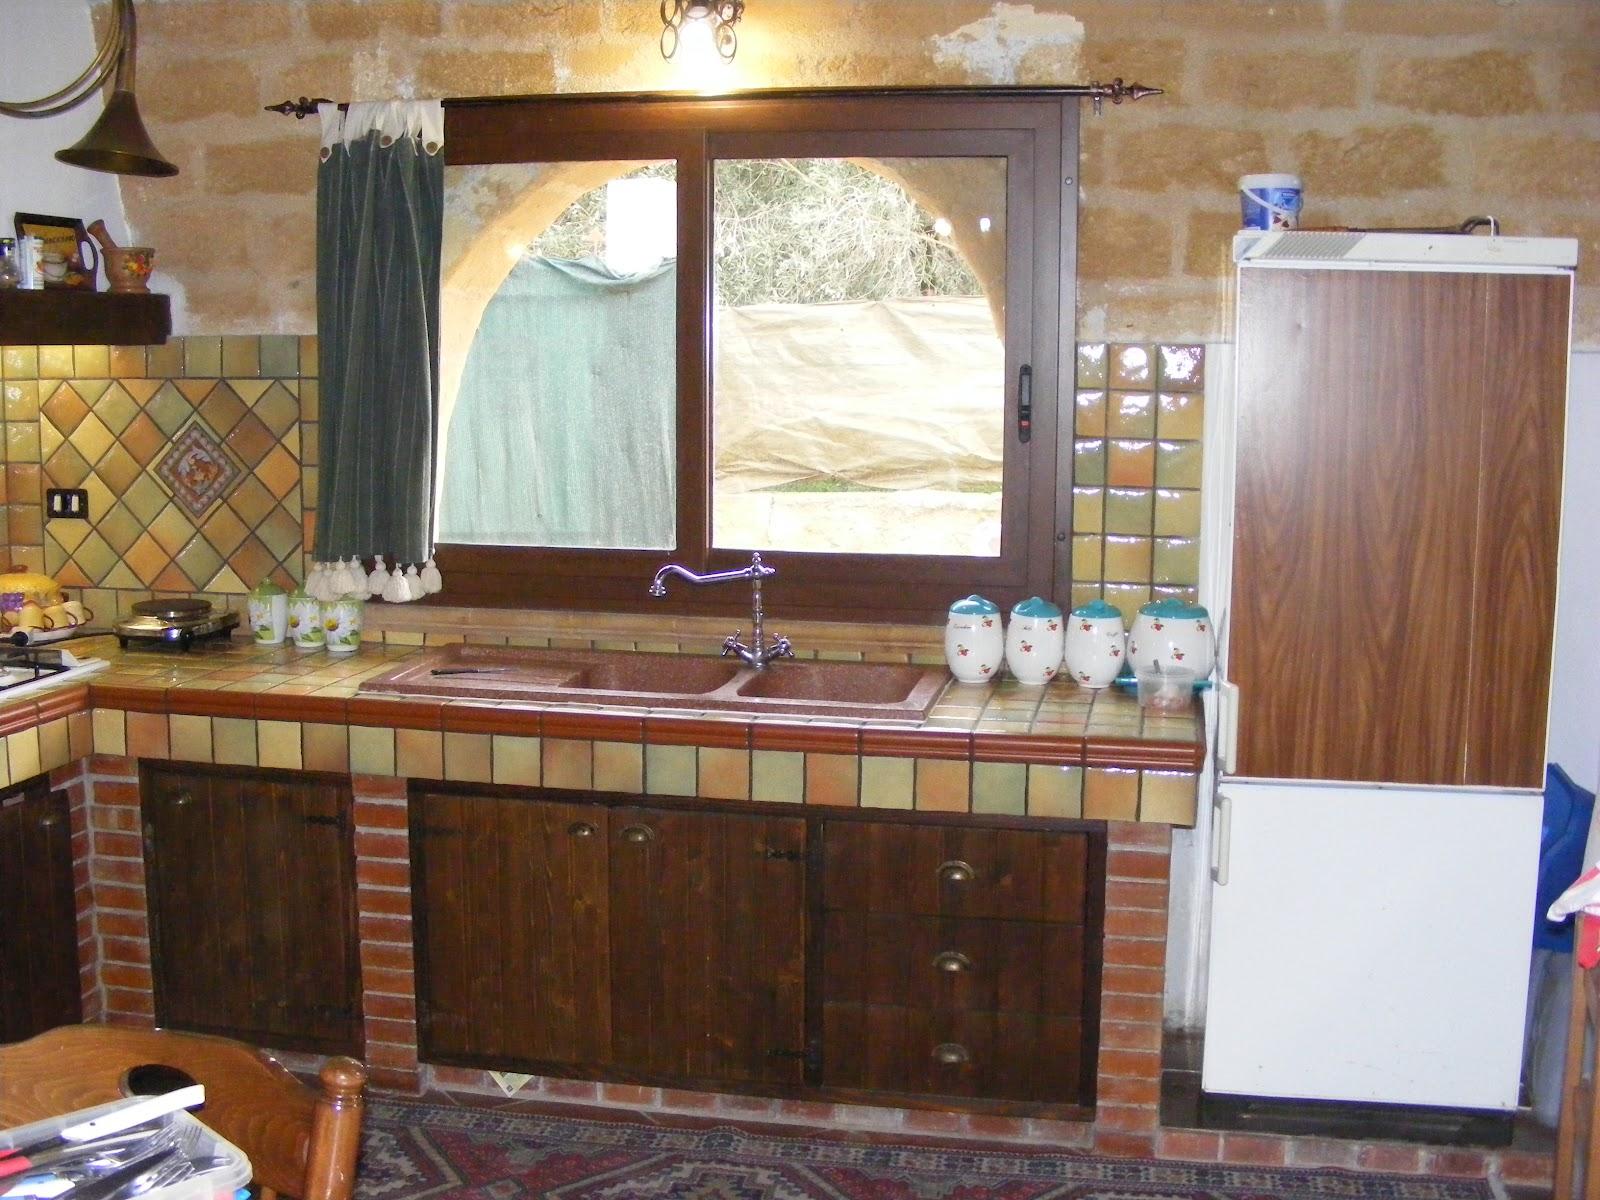 Cucina Rustica #937738 1600 1200 Come Arredare Una Cucina Rustica In Muratura